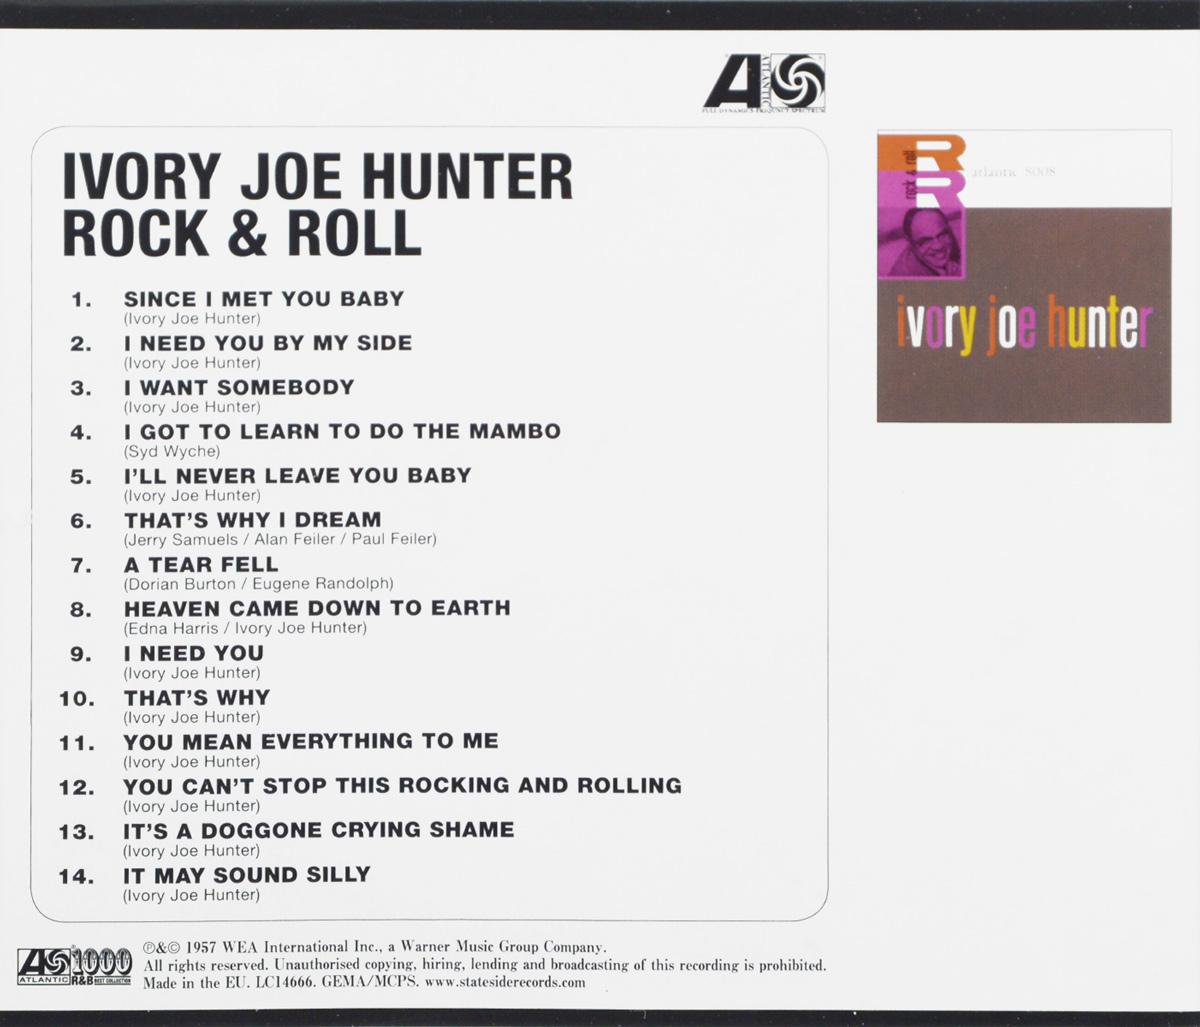 Ivory Joe Hunter.  Rock& Roll Warner Music,Wea International Inc.